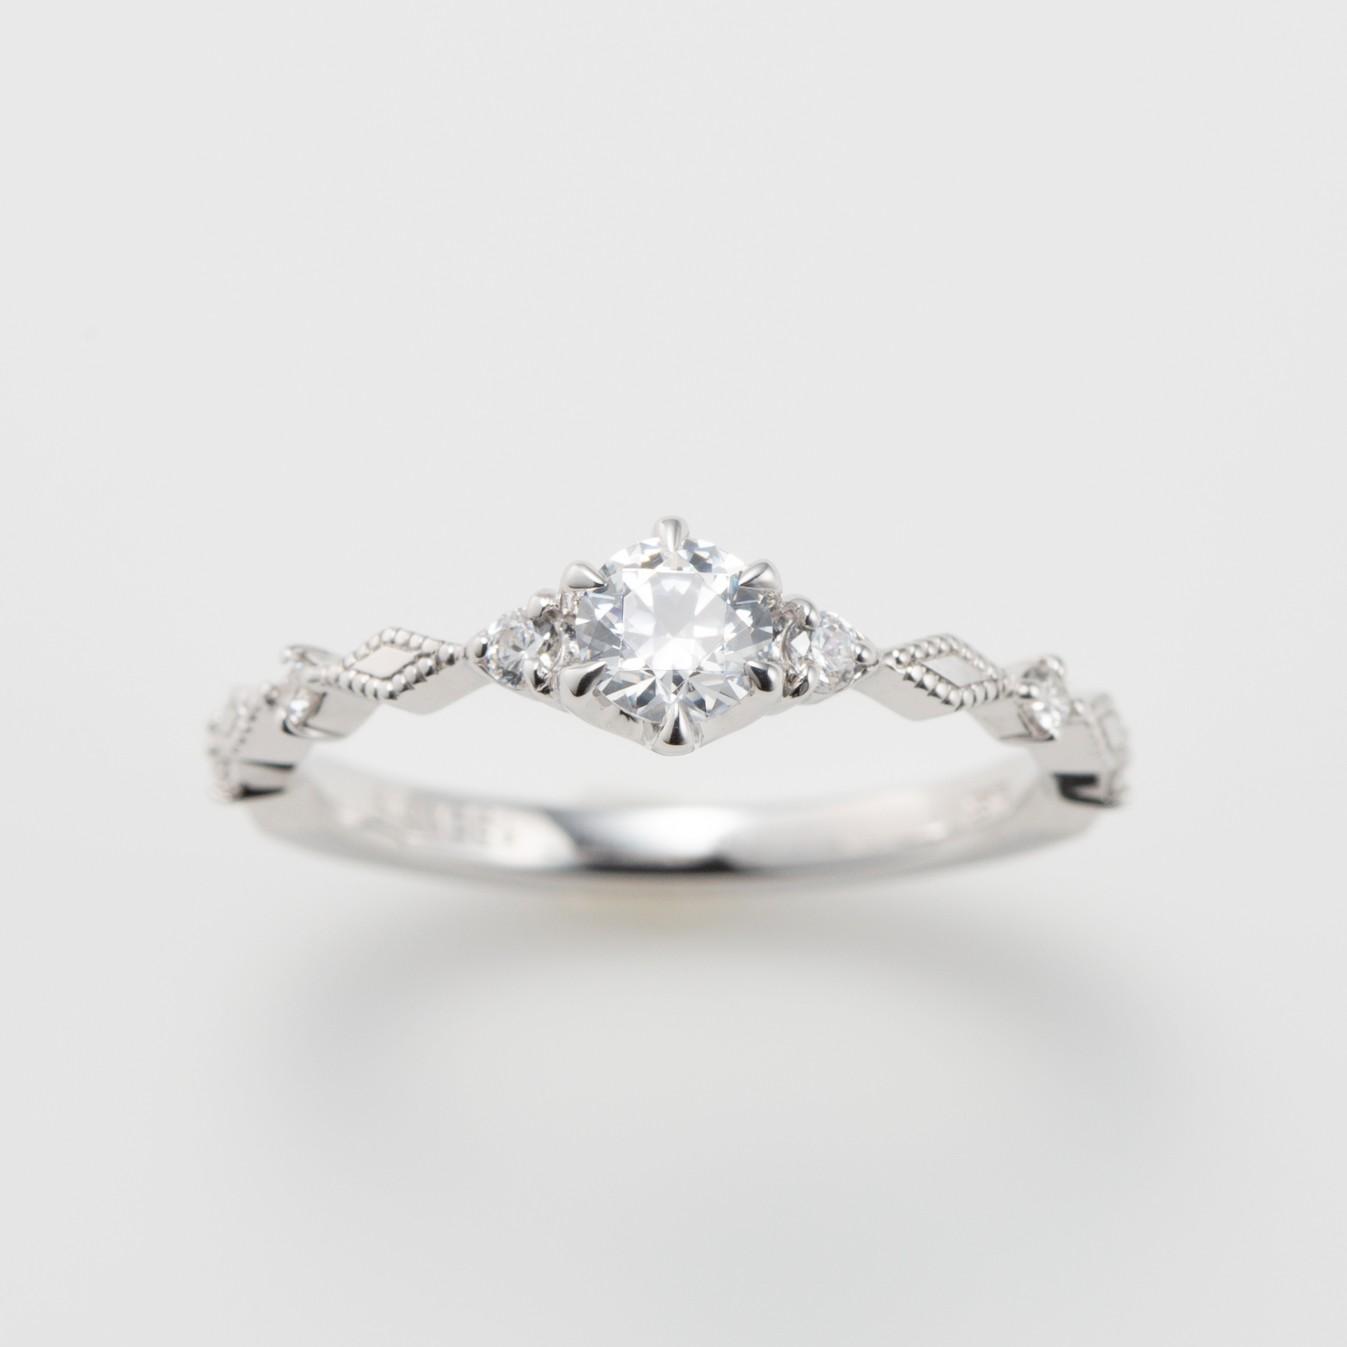 ミルグレイン(ミル打ち)を施したプラチナの婚約指輪